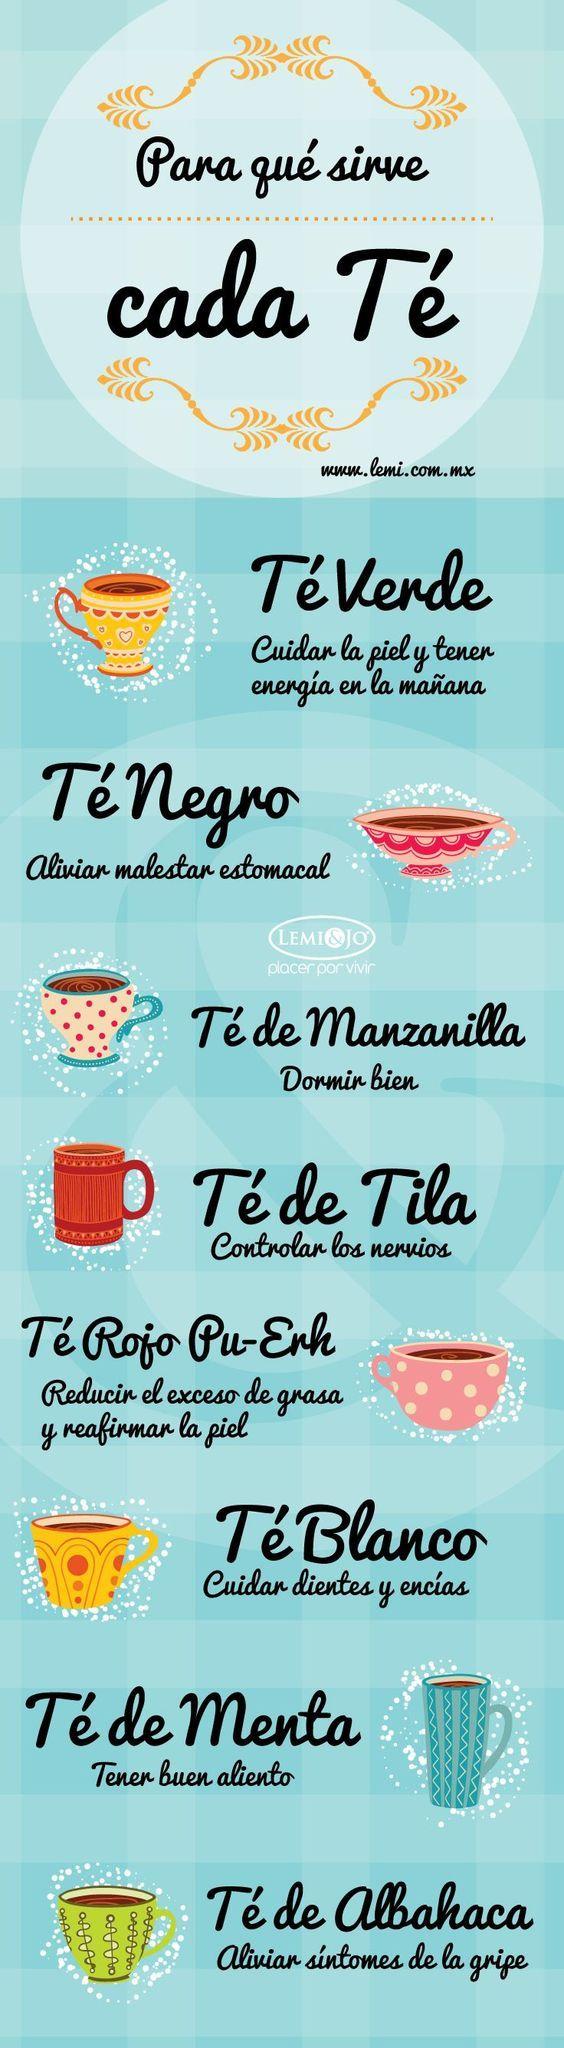 ¿Para qué sirve cada té?